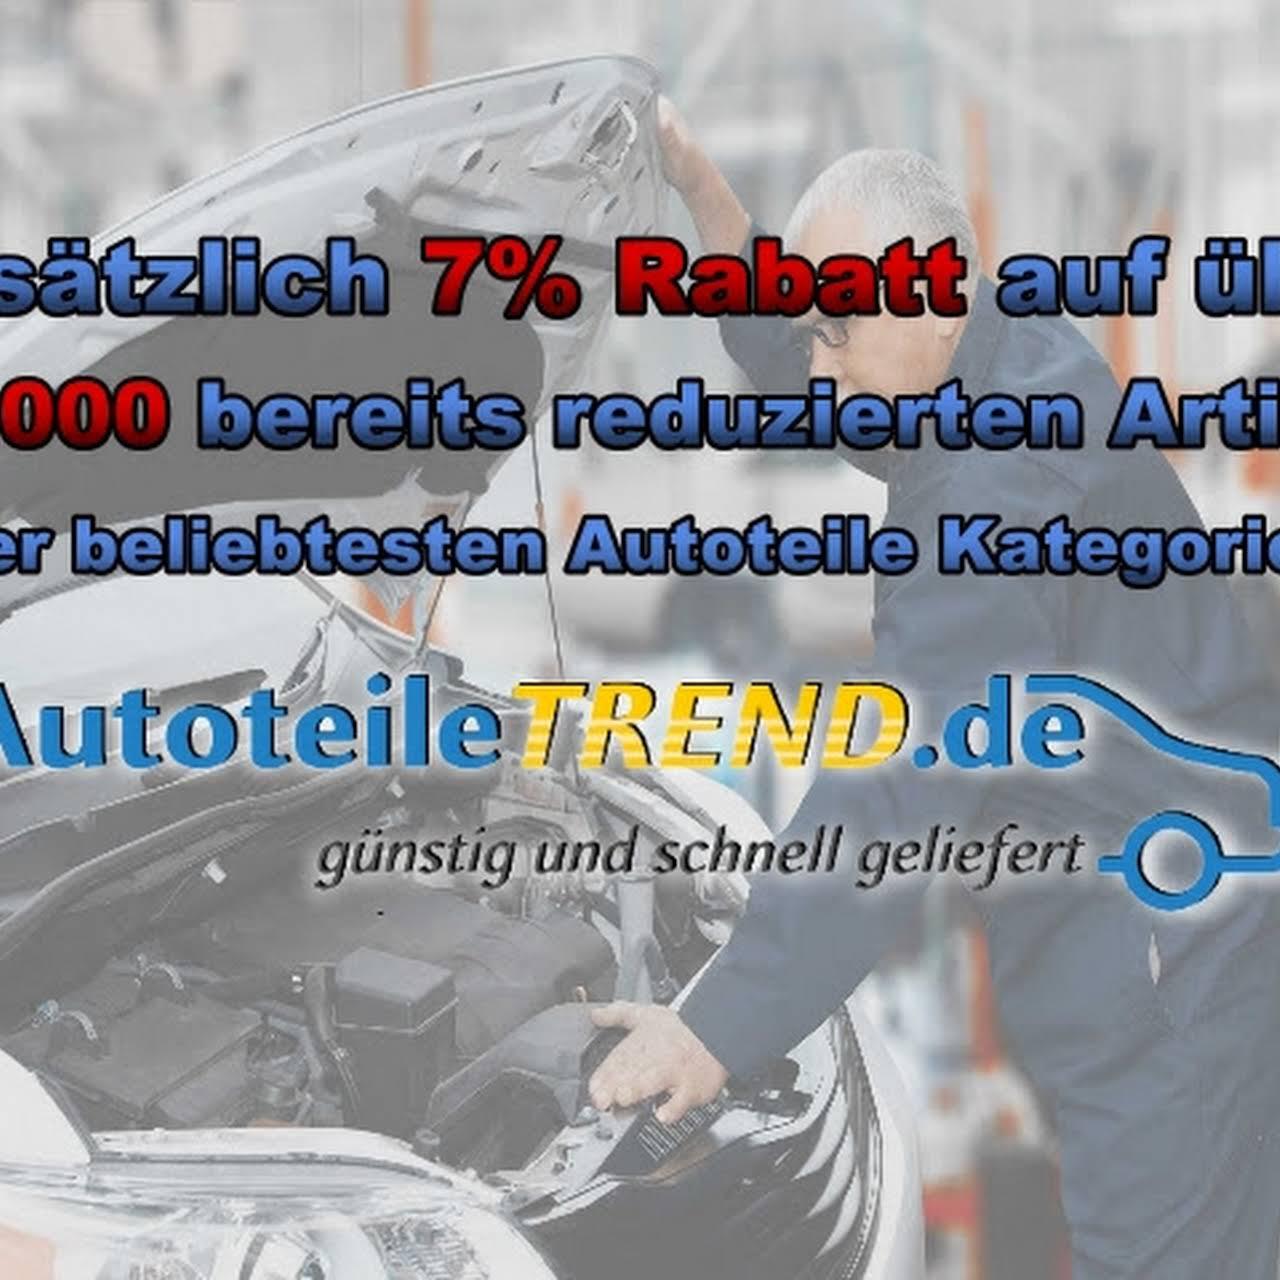 Autoteile TREND Magdeburg Autoersatzteile / Autozubehör - Kfz ...